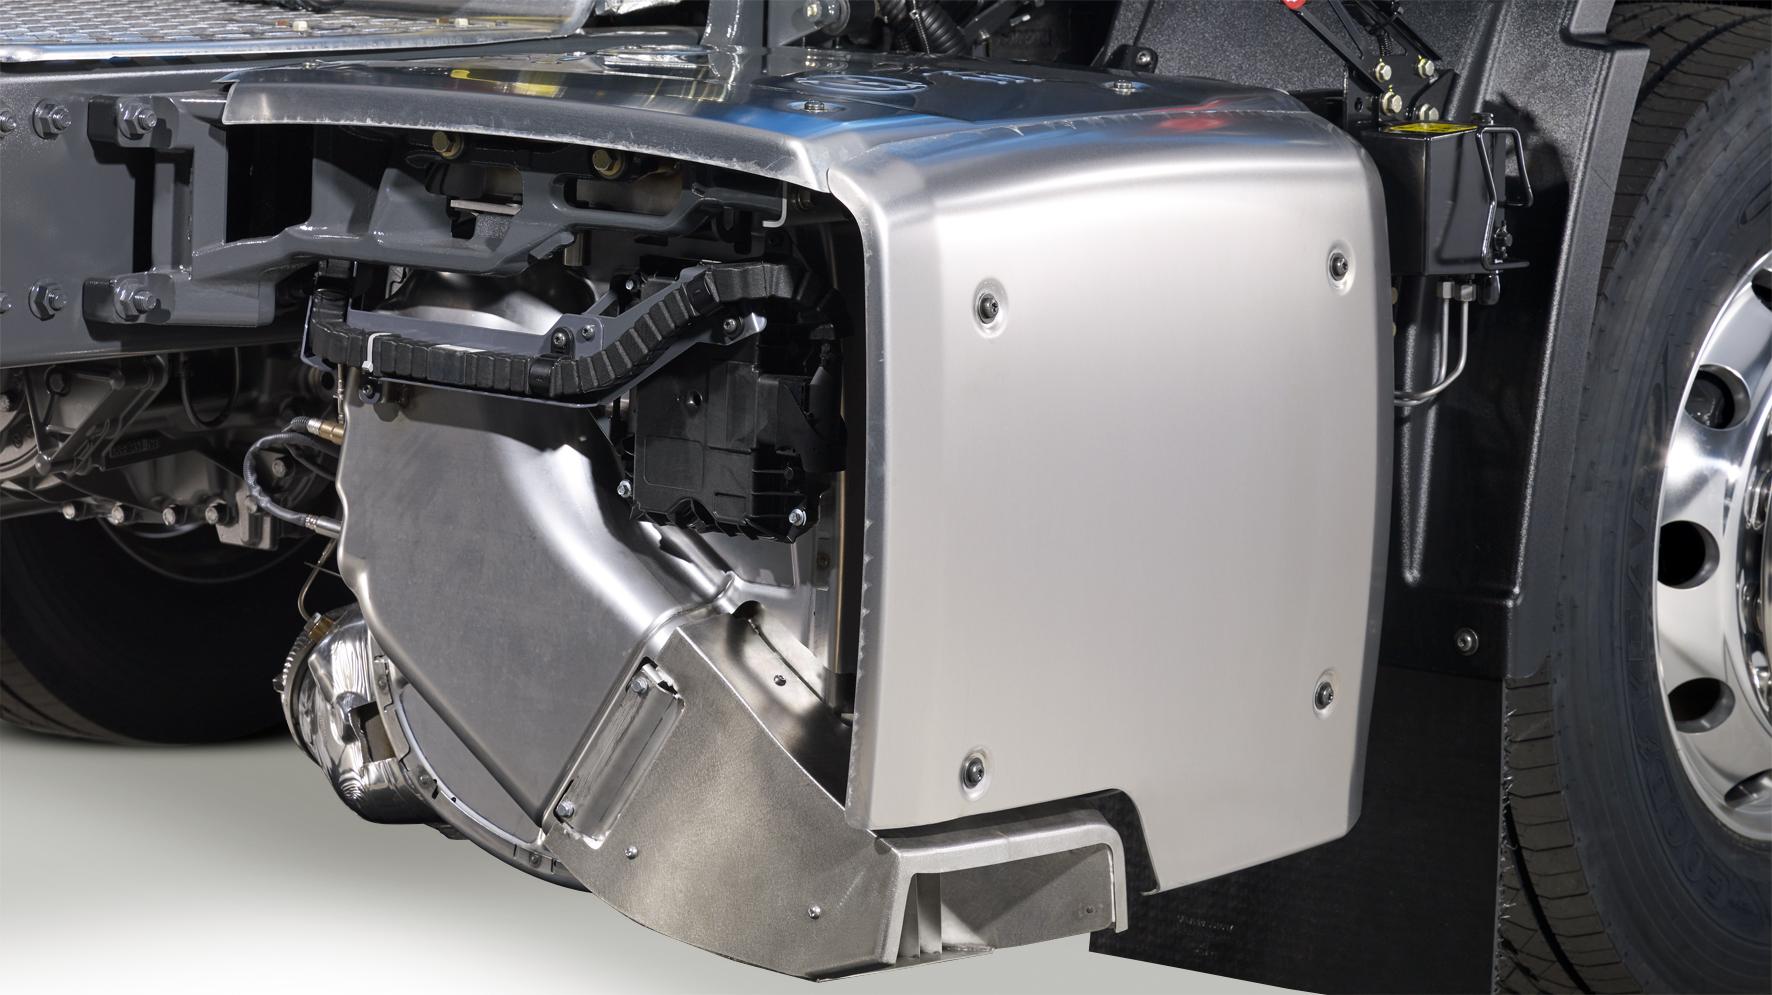 <p>De compactere, lichtere demper geeft meer chassisruimte.</p>